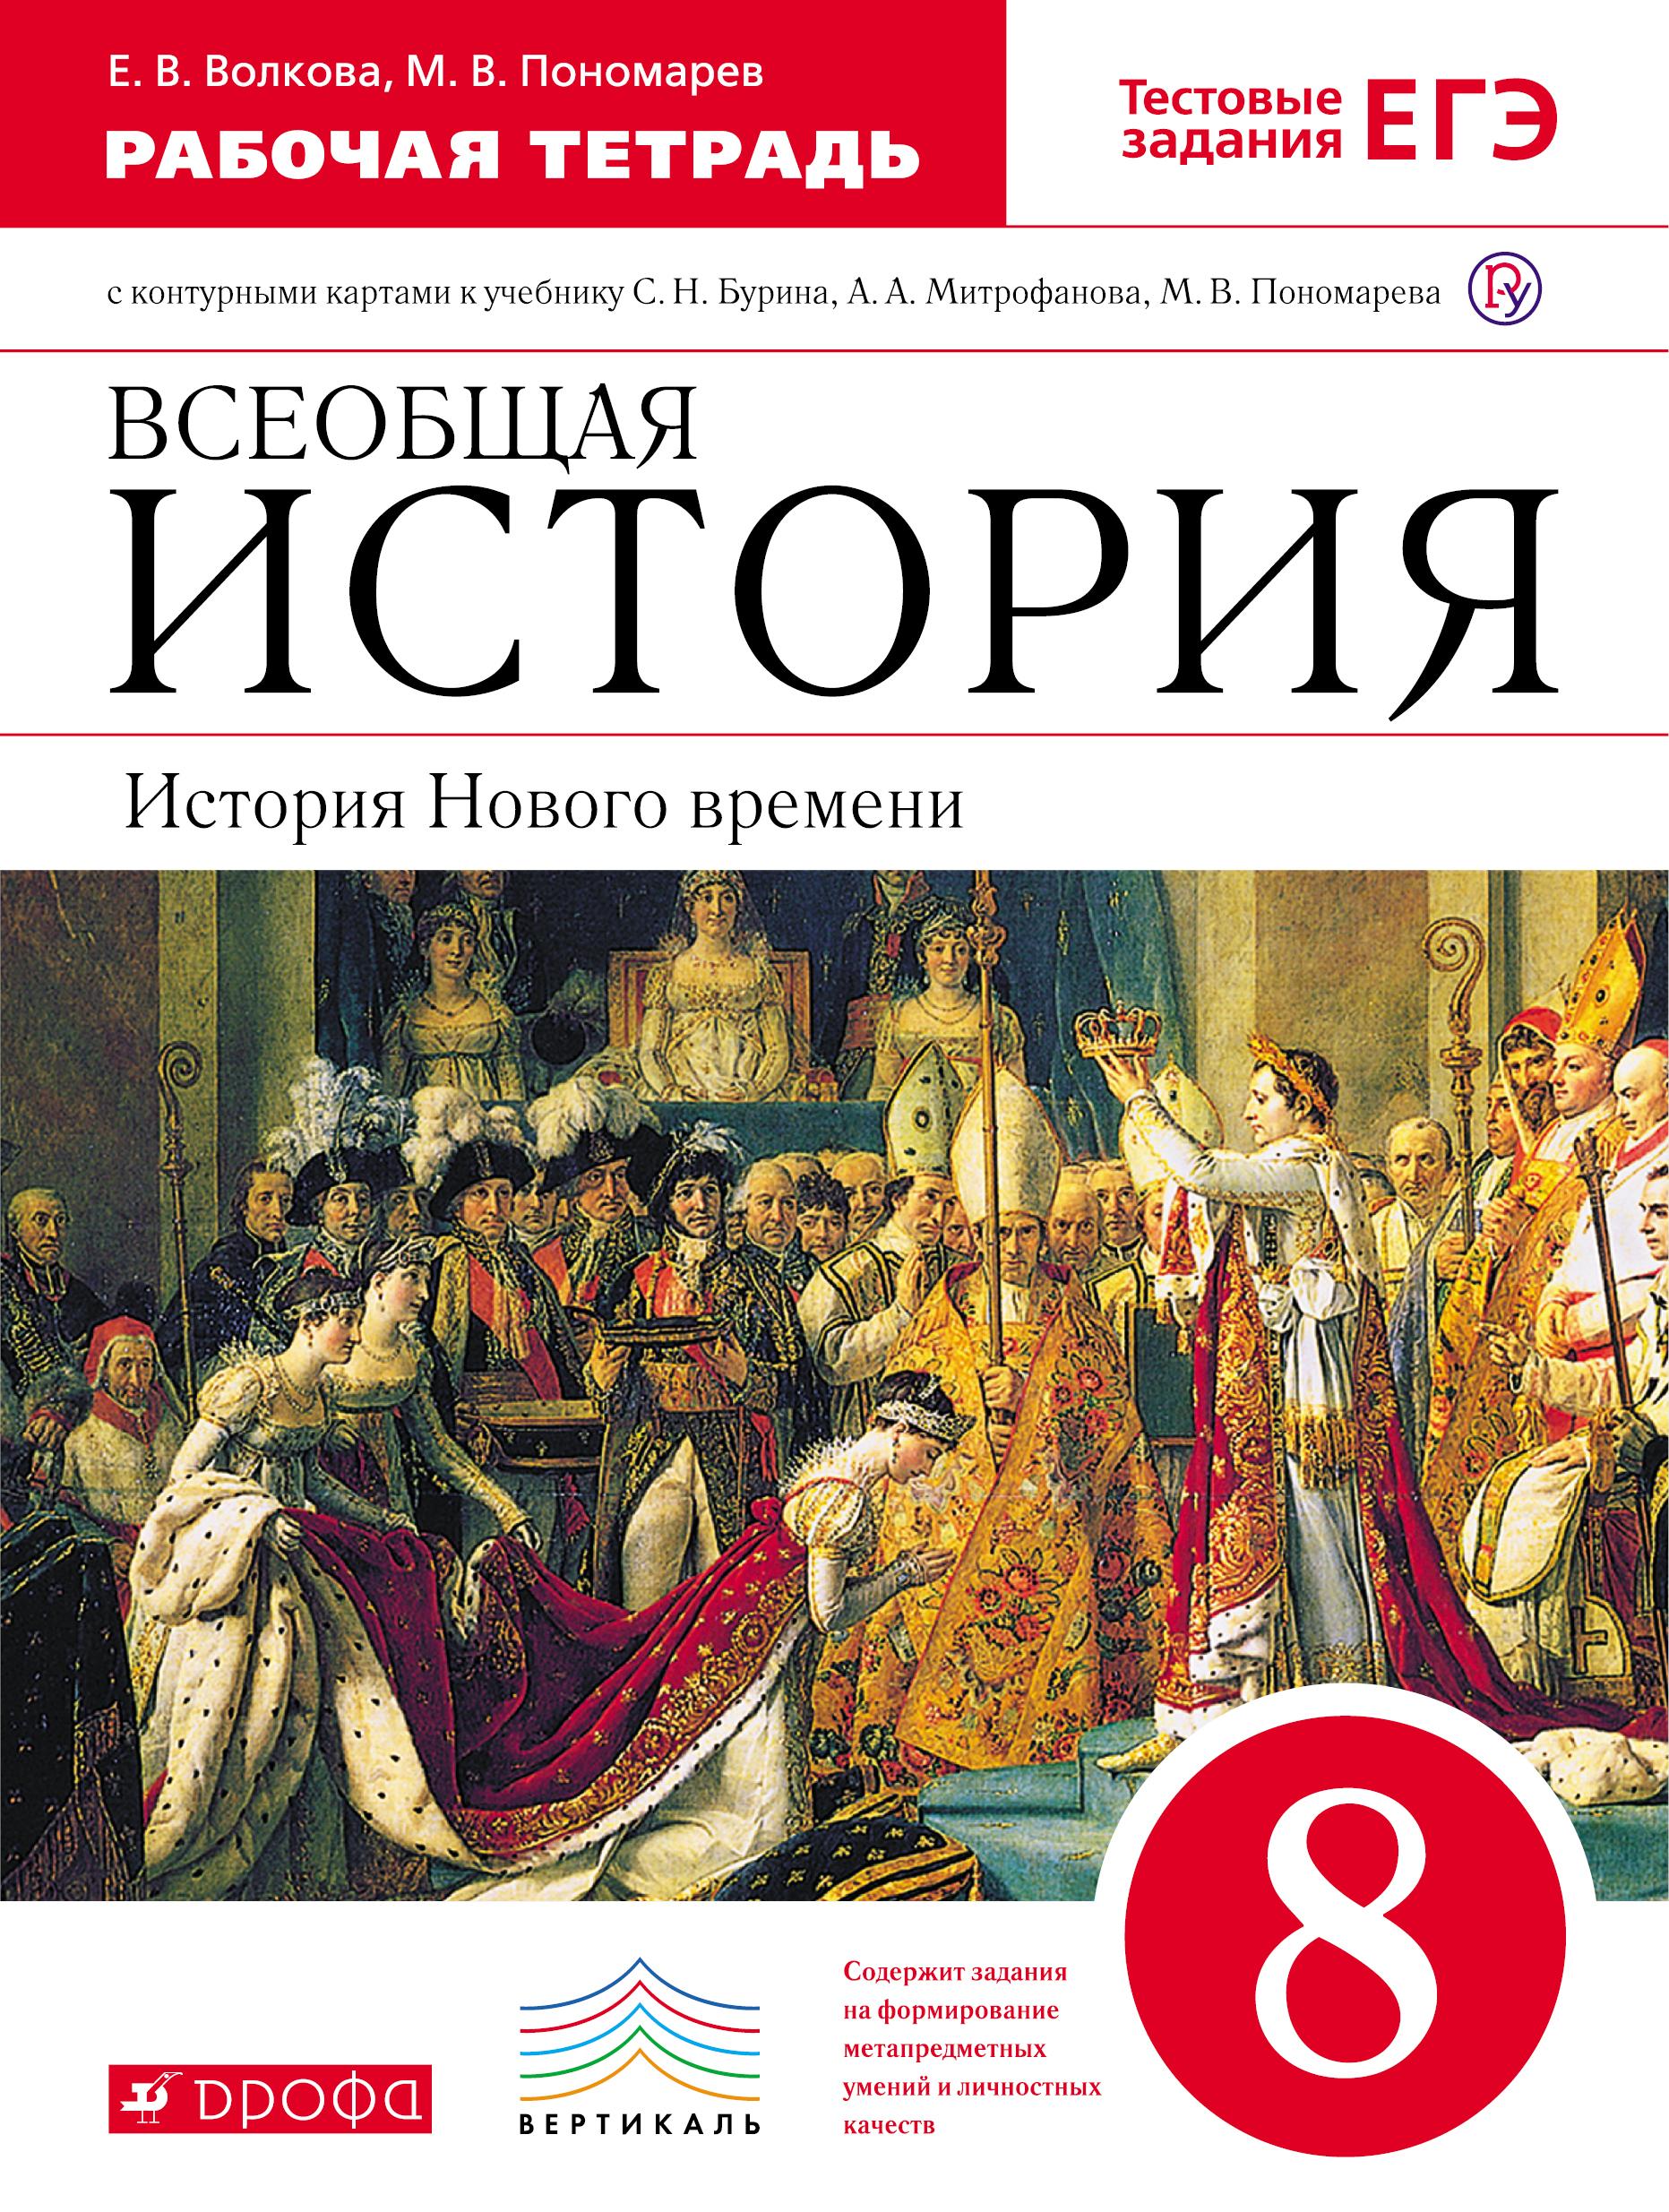 Волкова Е. В., Пономарев М. В. История Нового времени. 8 класс. Рабочая тетрадь. цена